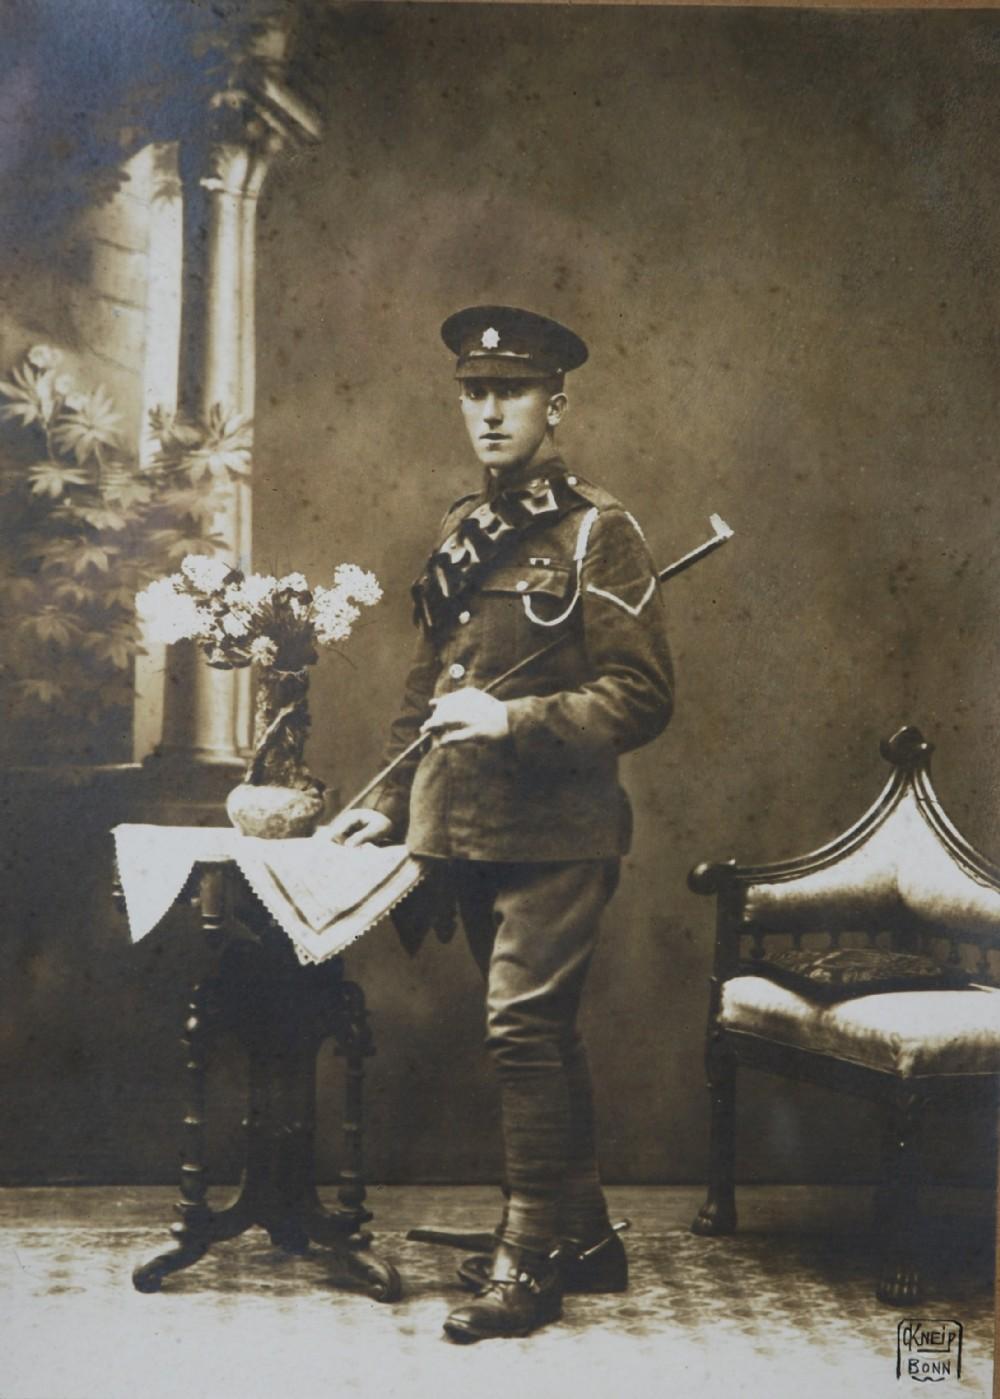 an original photograph of world war 1 uniformed british officer